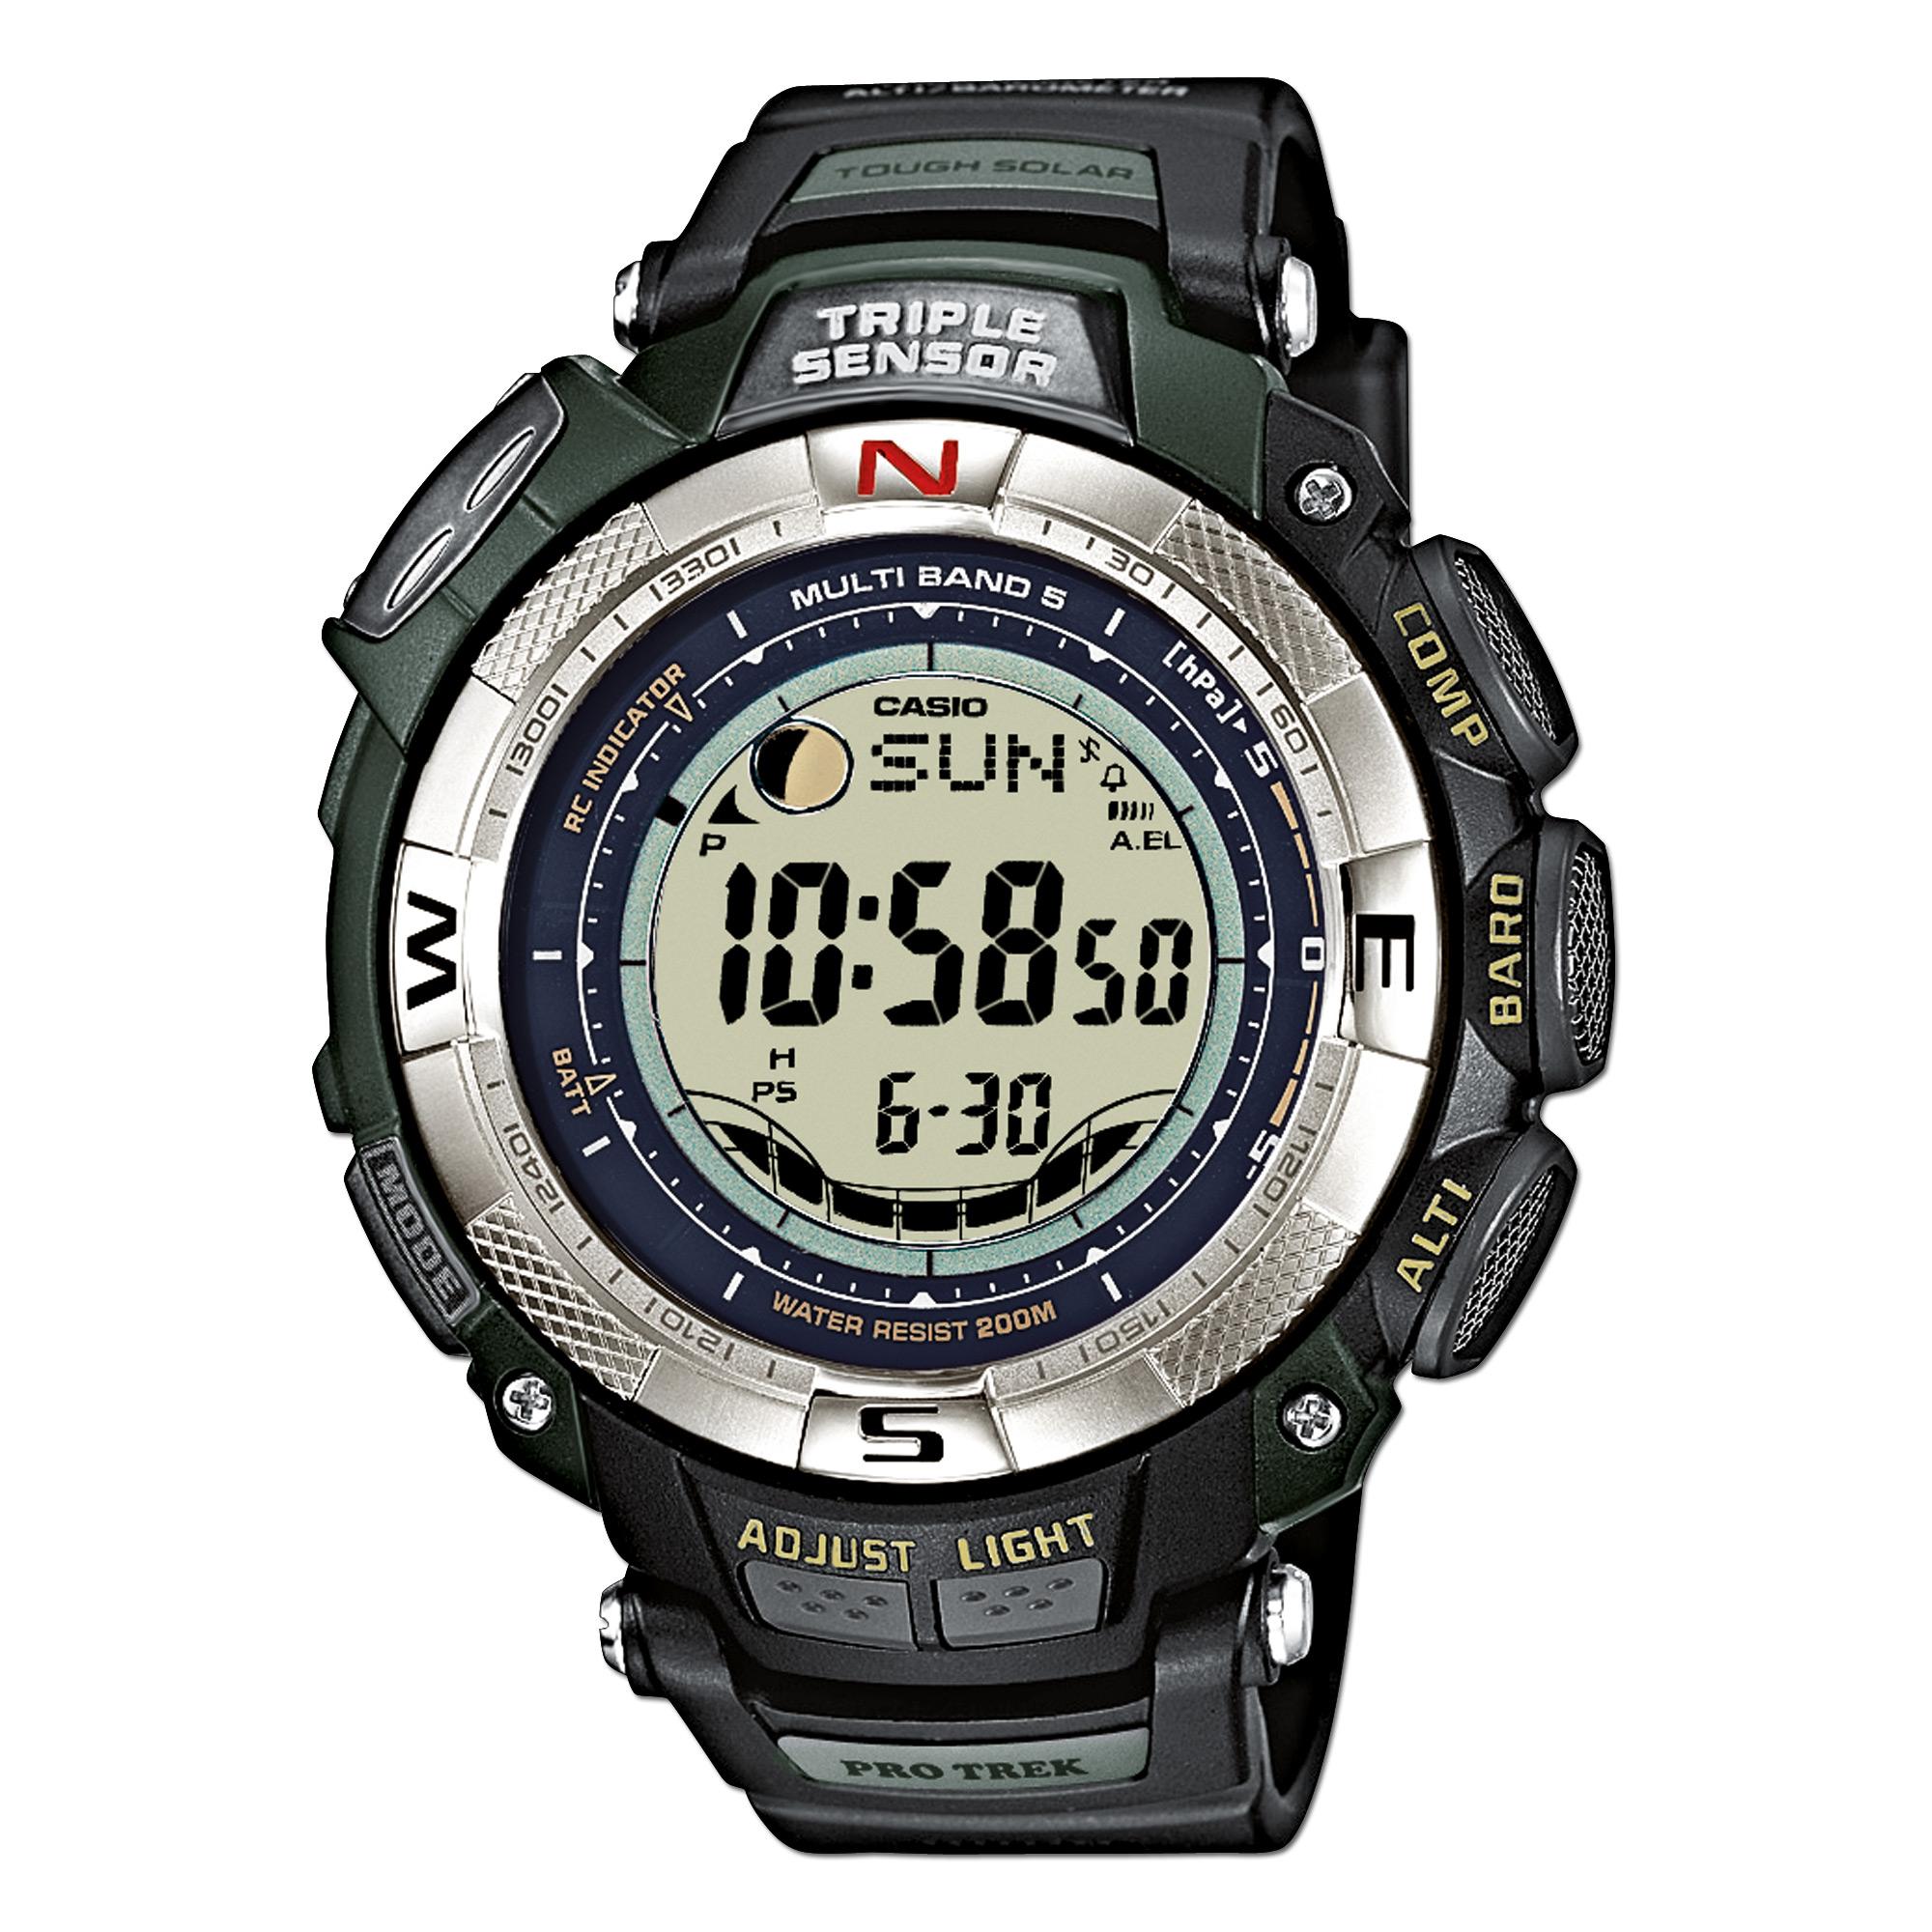 Uhr Casio Pro Trek Cerro Blanco